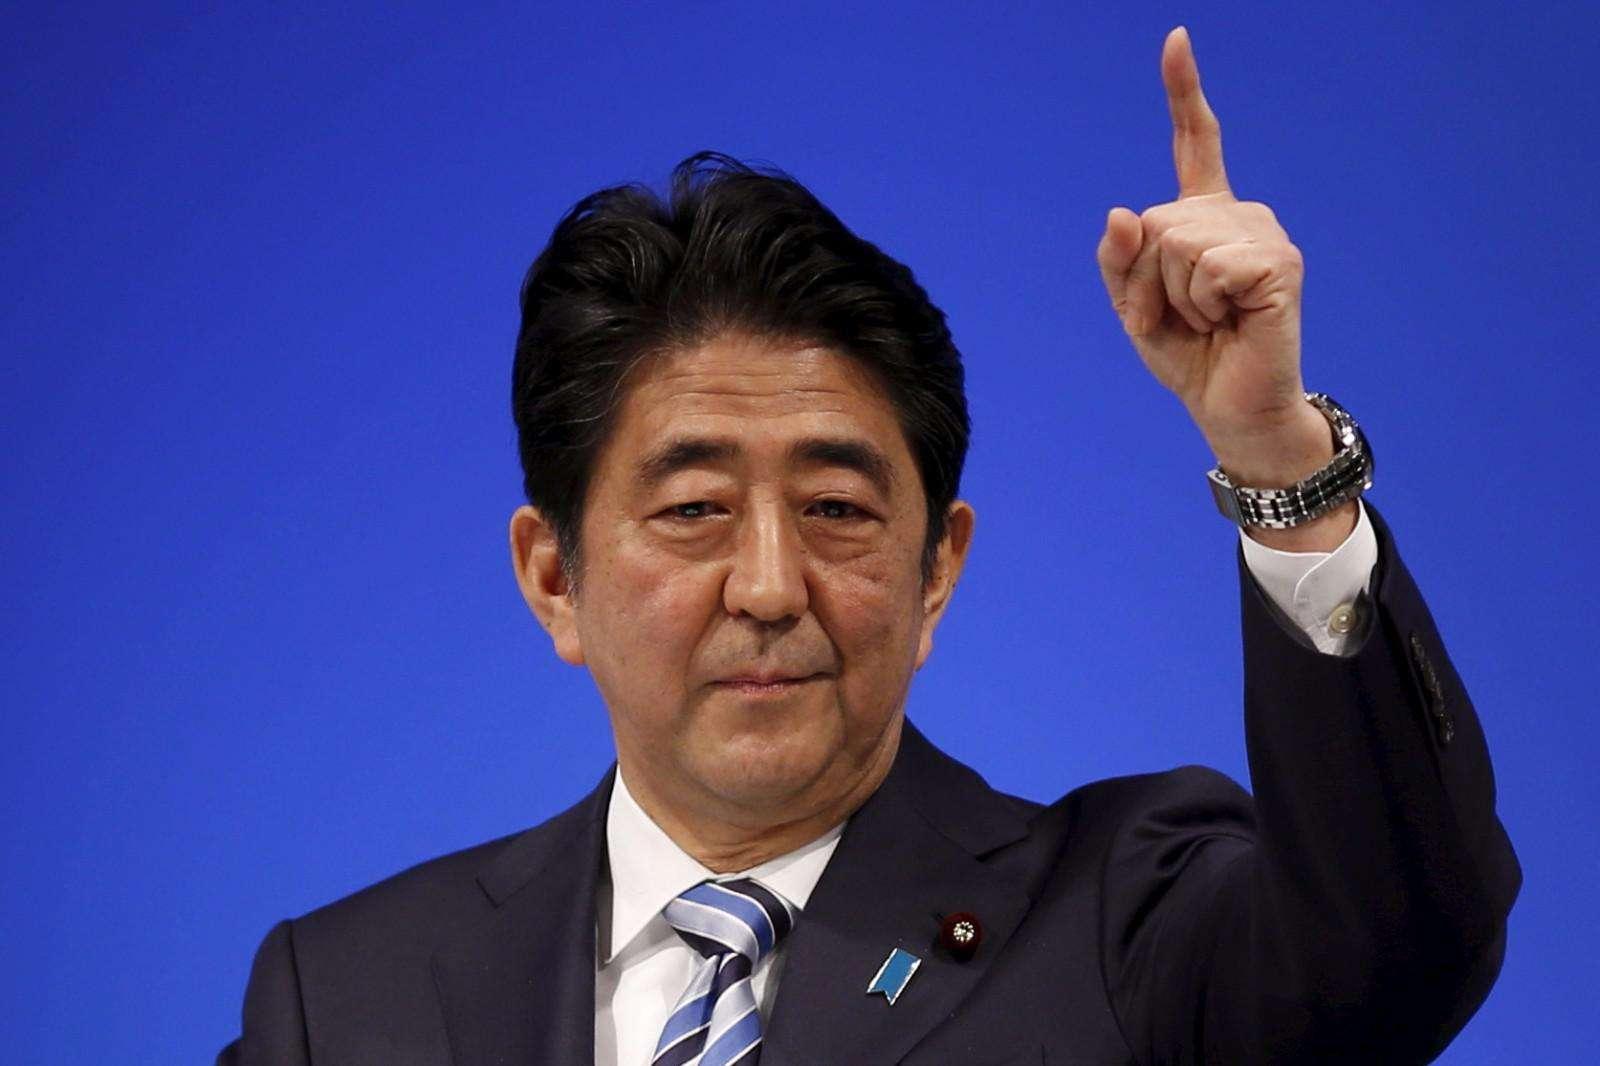 7国对日本采取紧急措施!取消奥运会将损失30000亿?中国对其帮助